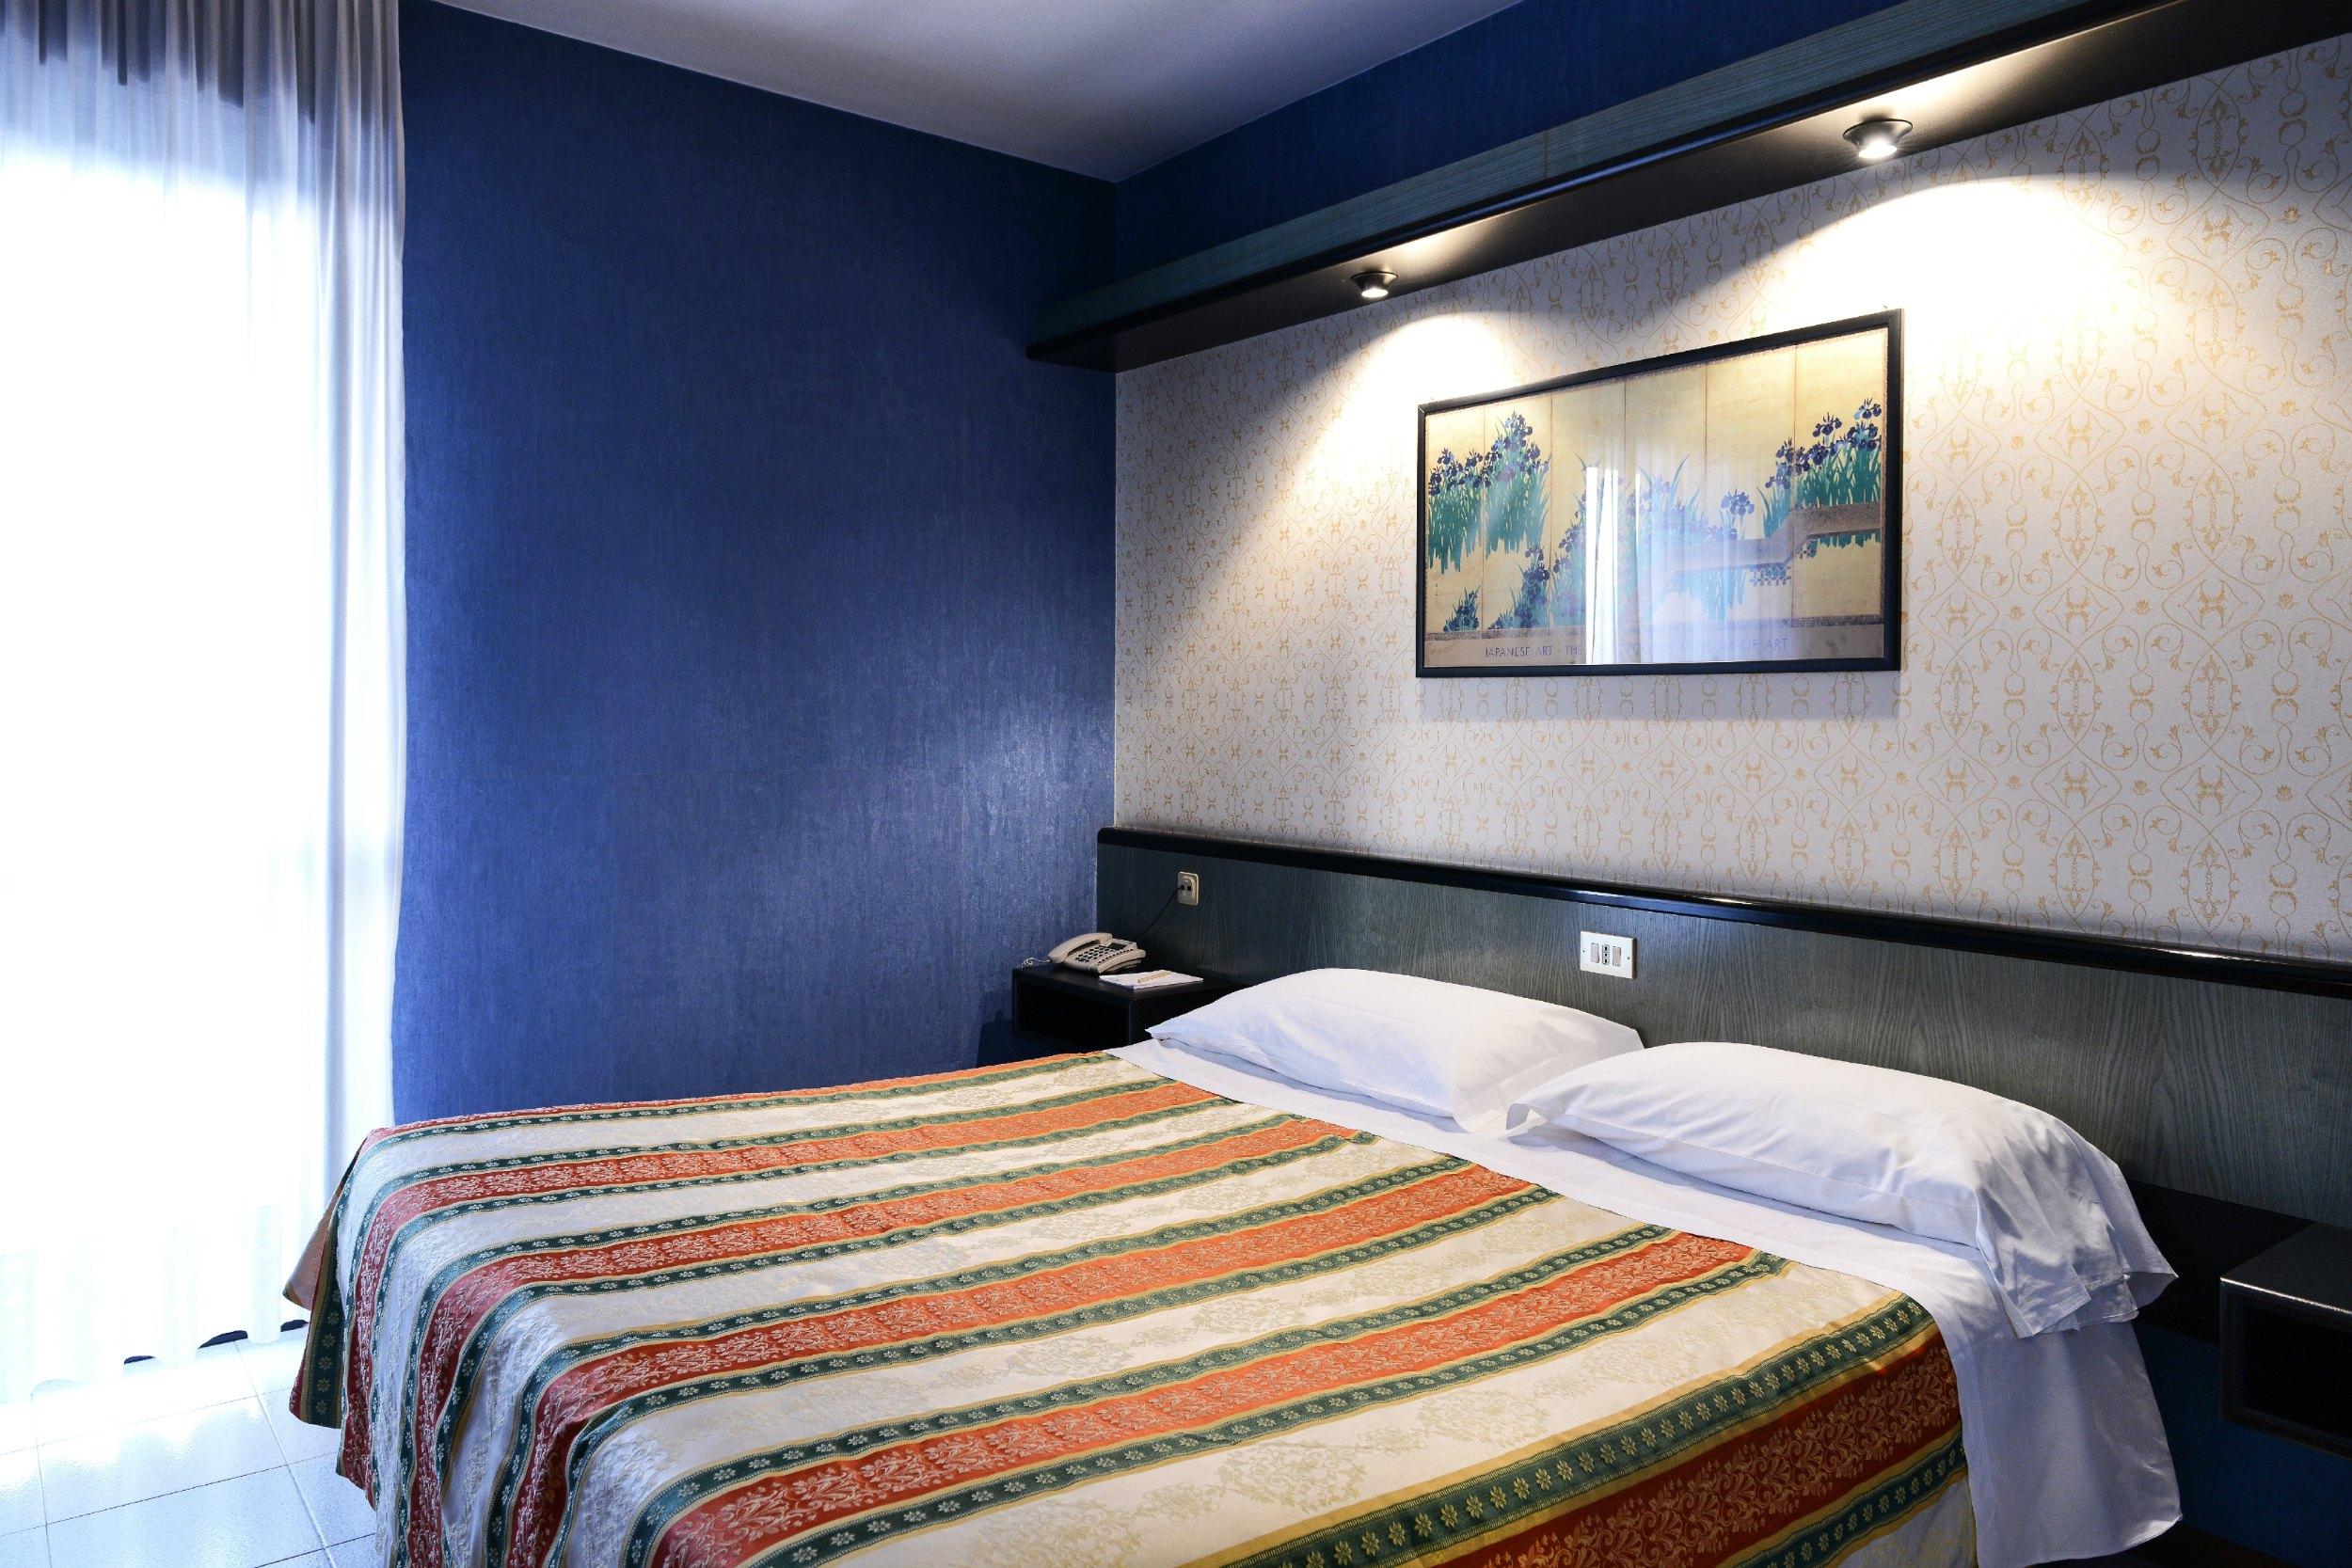 camere spa hotel parigi 2 - hotel parigi 2 - Zona Migliore Soggiorno Parigi 2